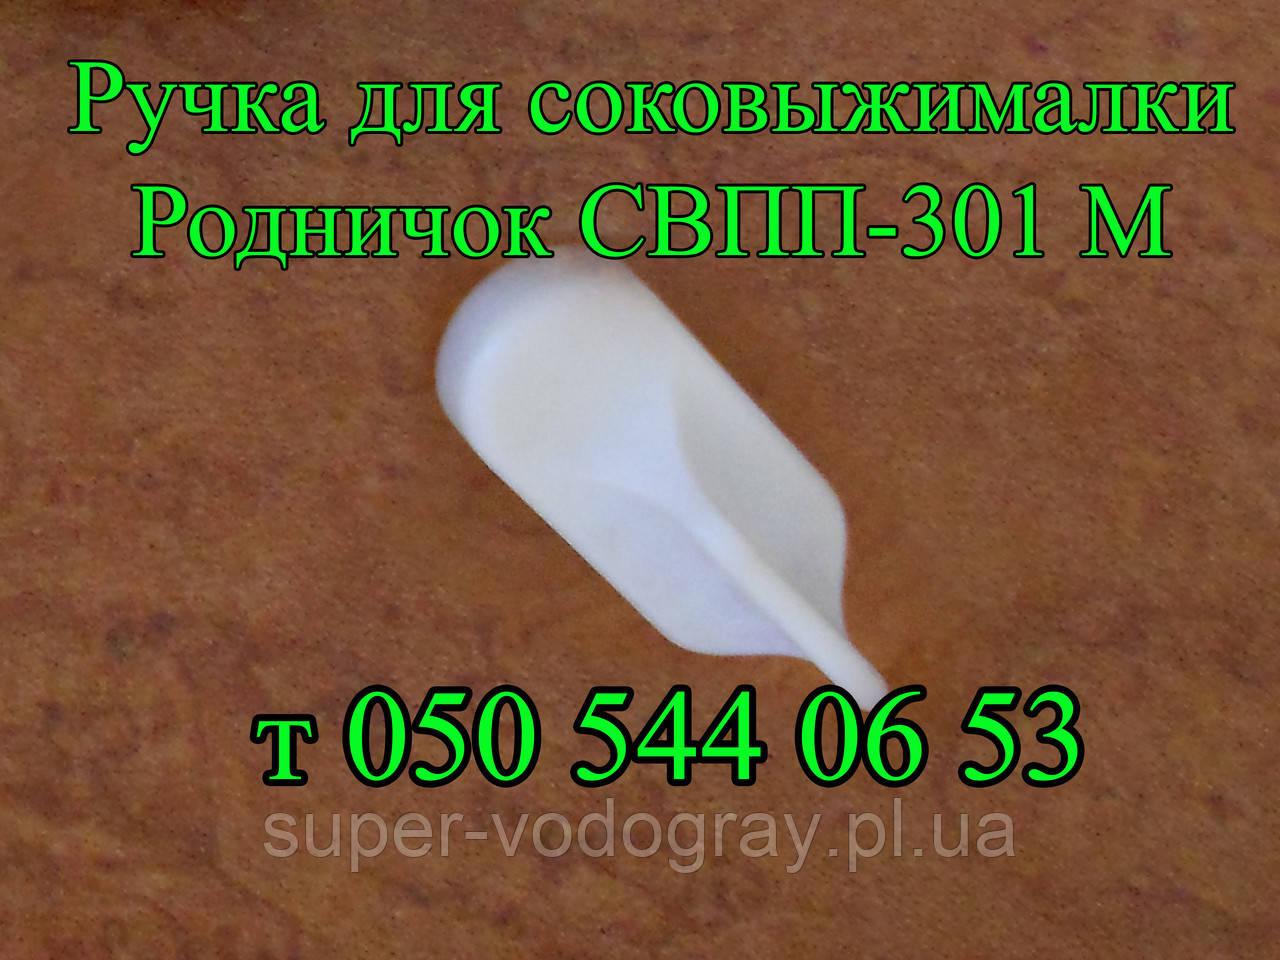 Ручка сброса жмыха для соковыжималки Родничок СВПП-301М